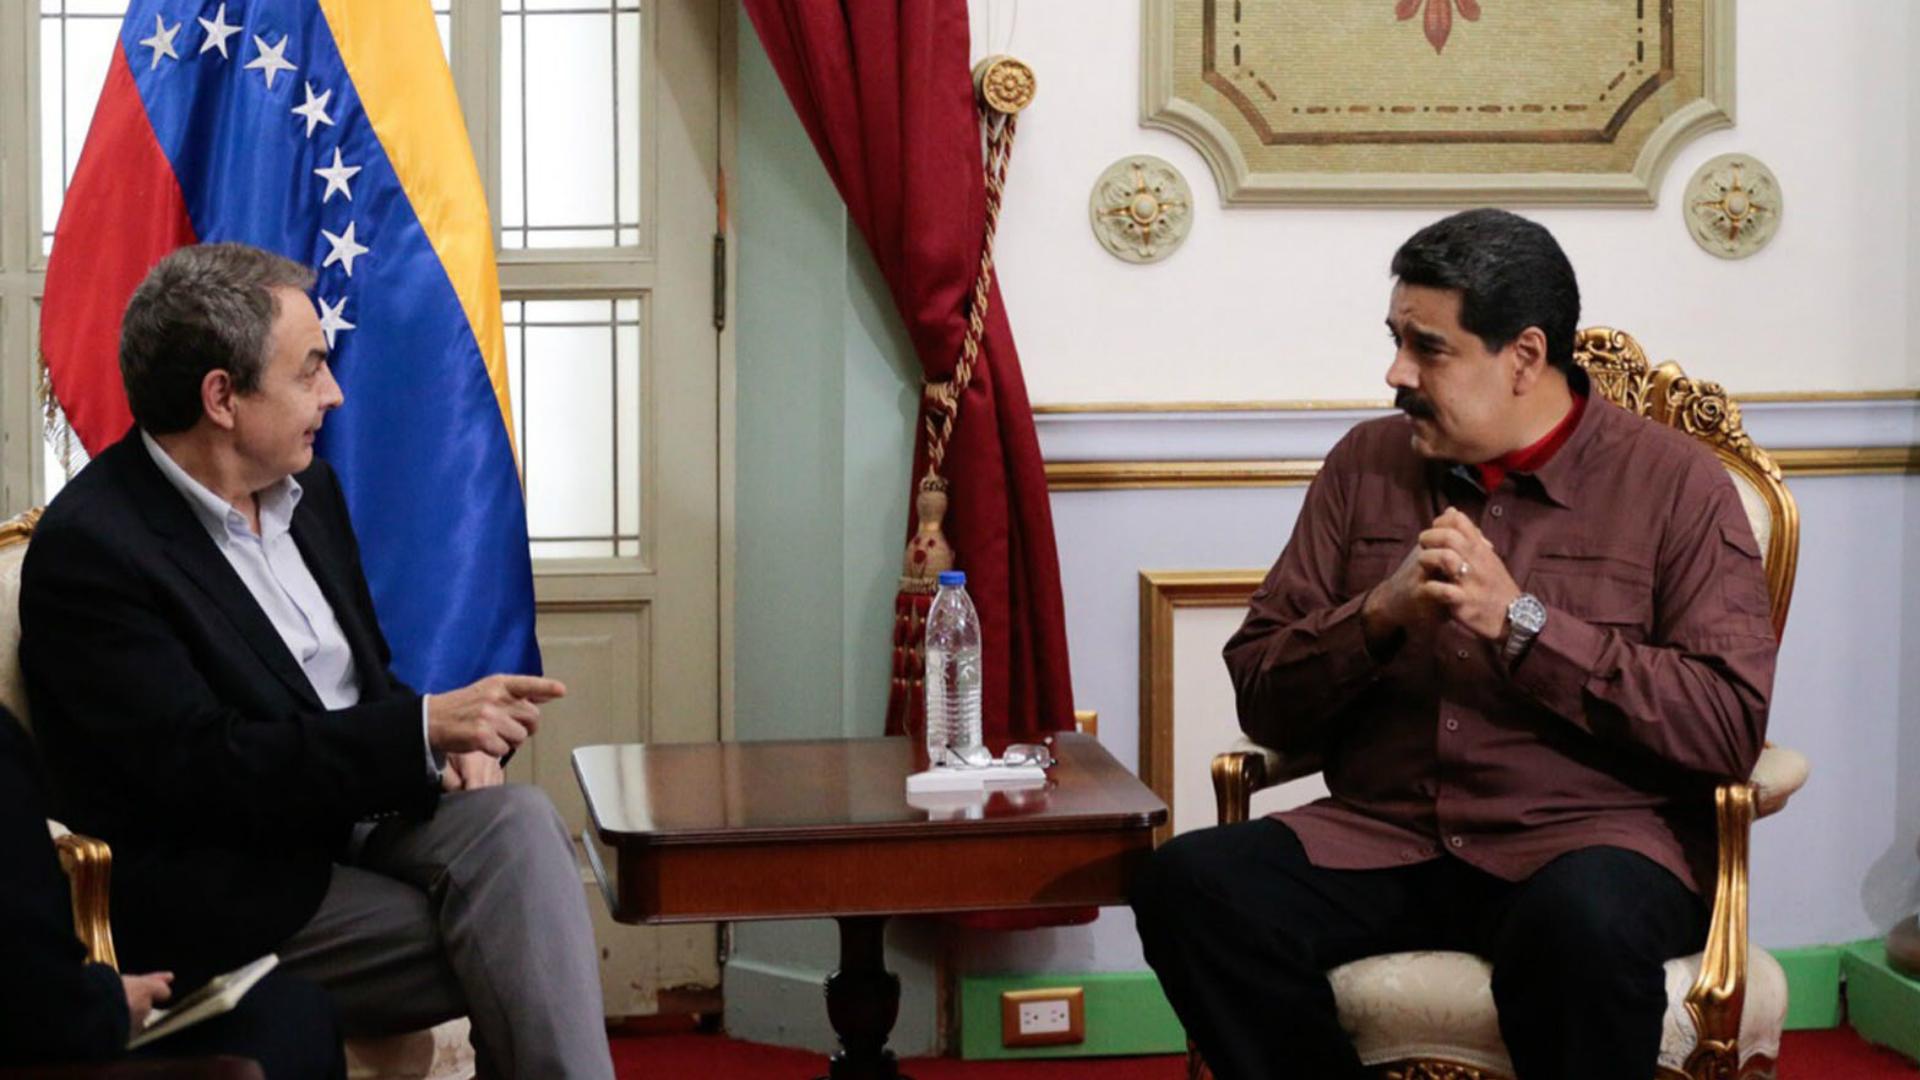 Maduro reunido con el ex presidente español Zapatero, mediador en el diálogo (EFE)